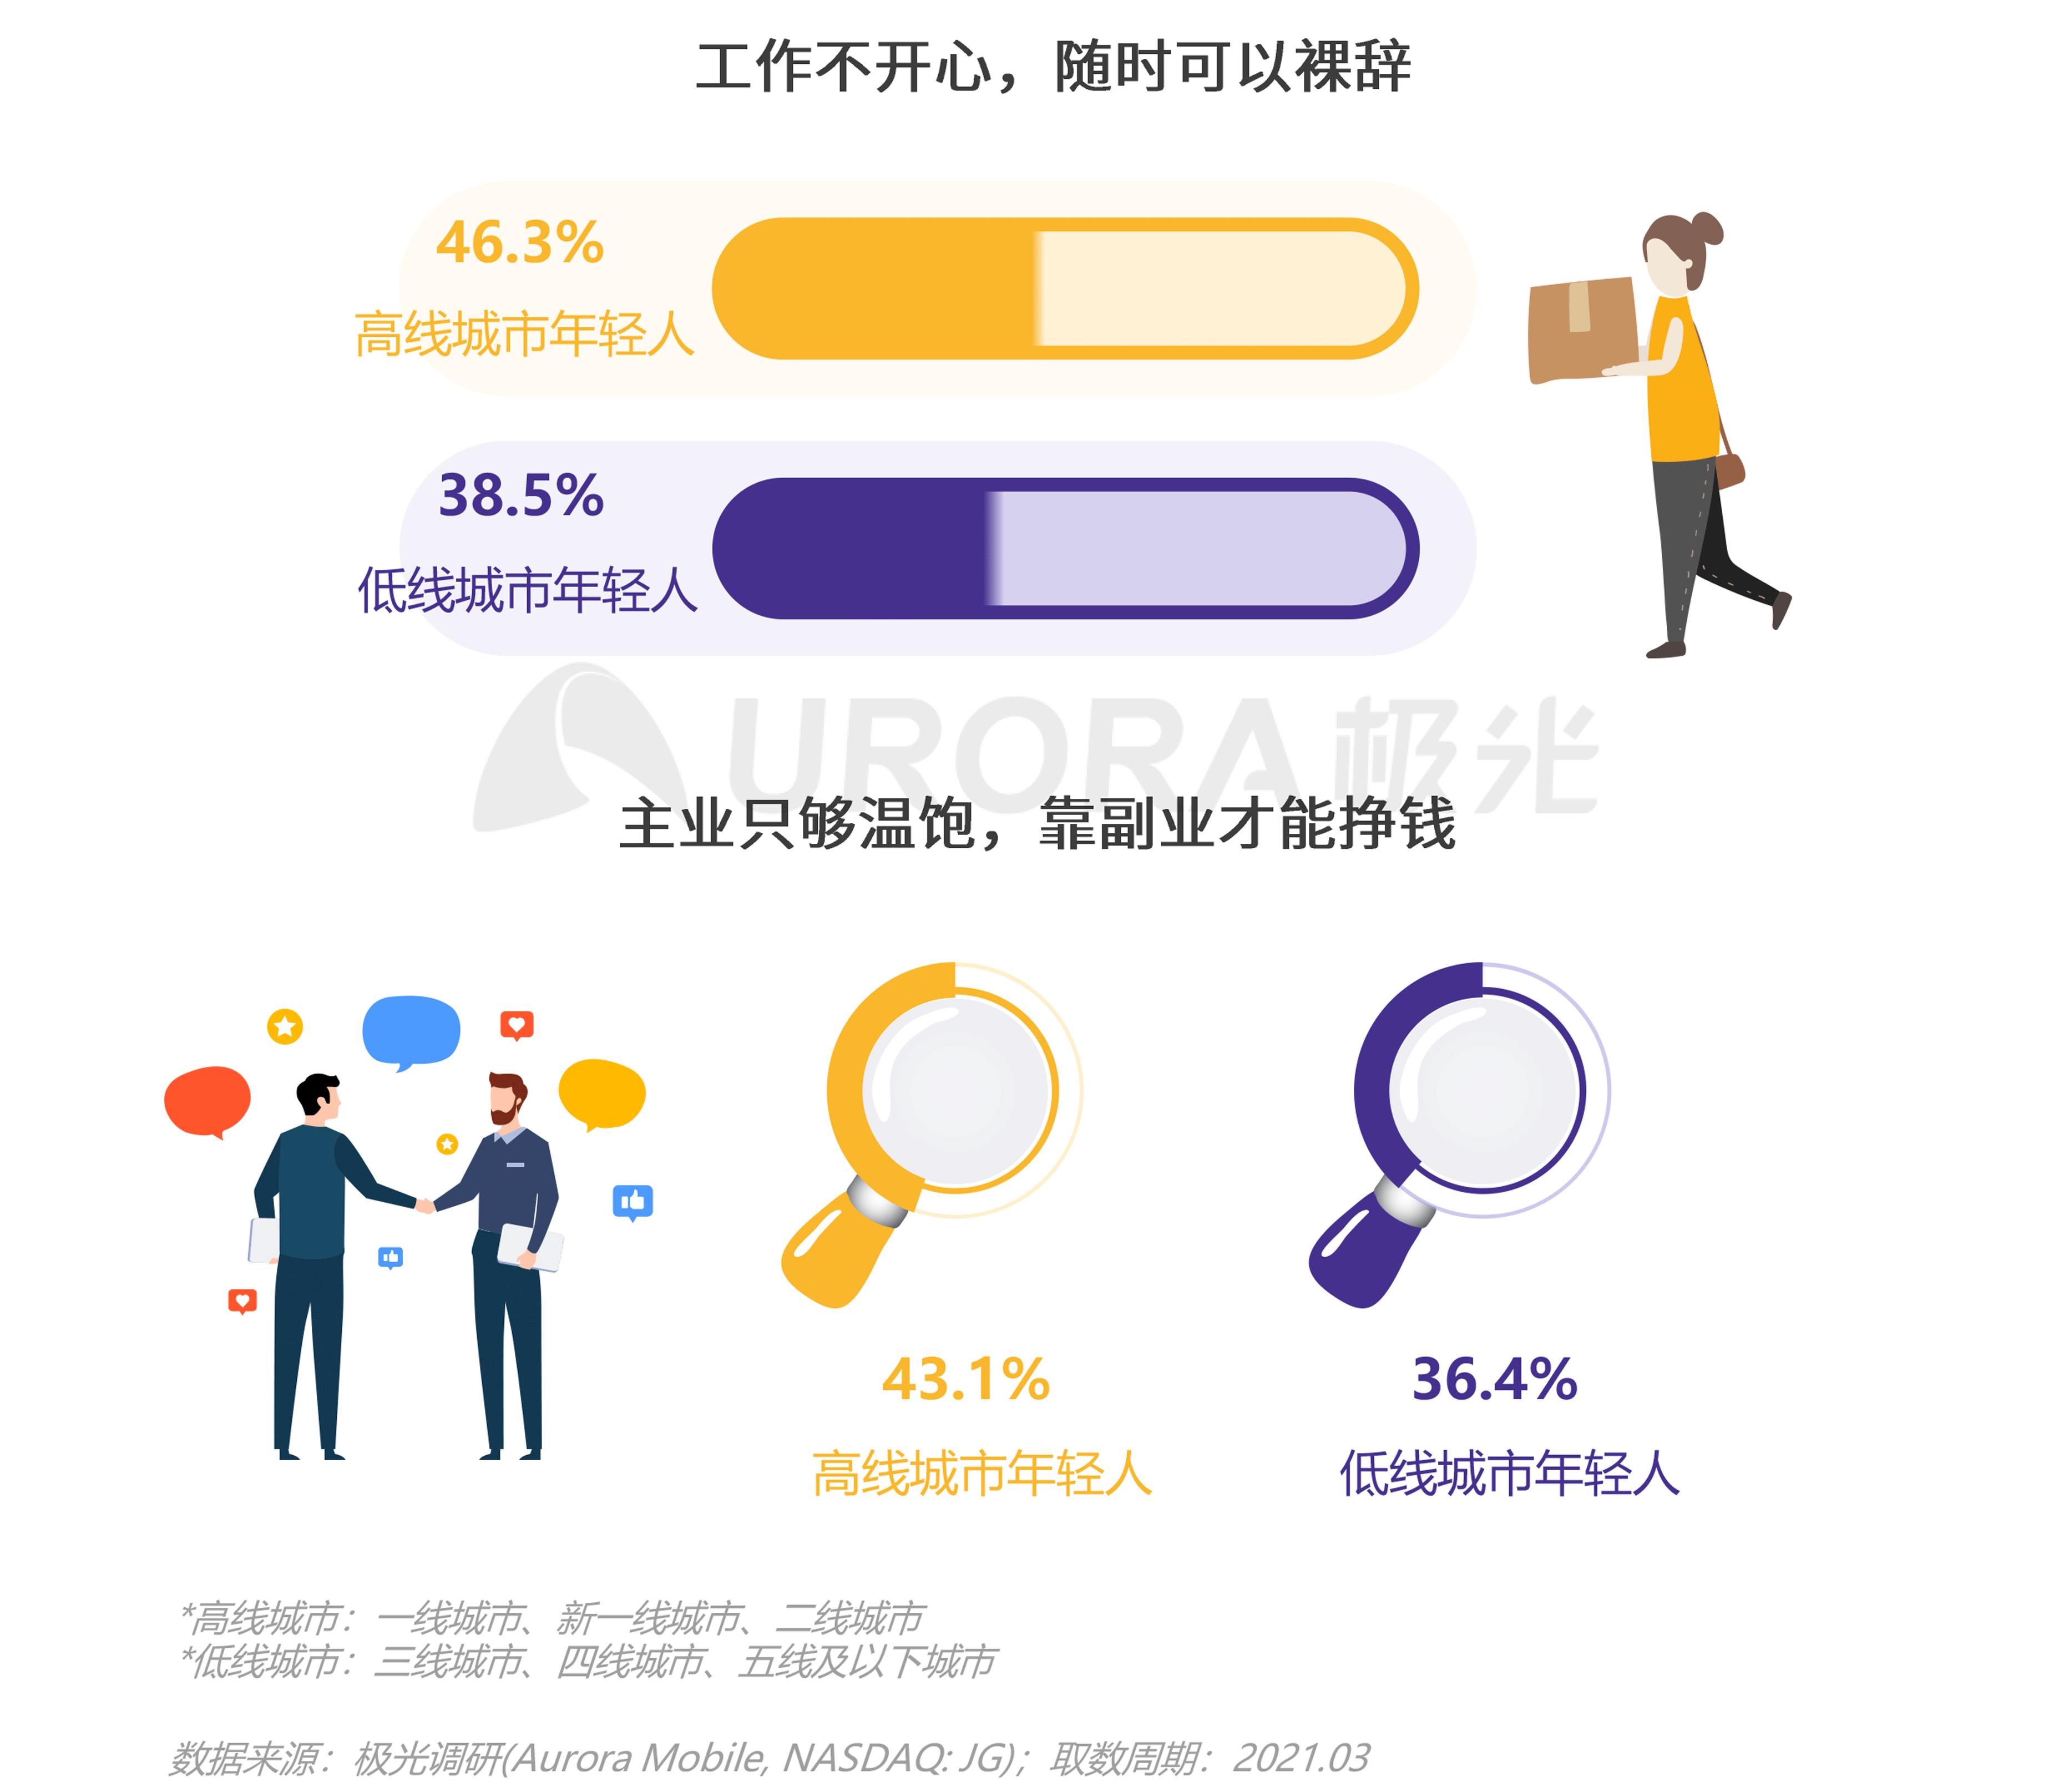 2021年轻人营销趋势研究报告【定稿】-52.png